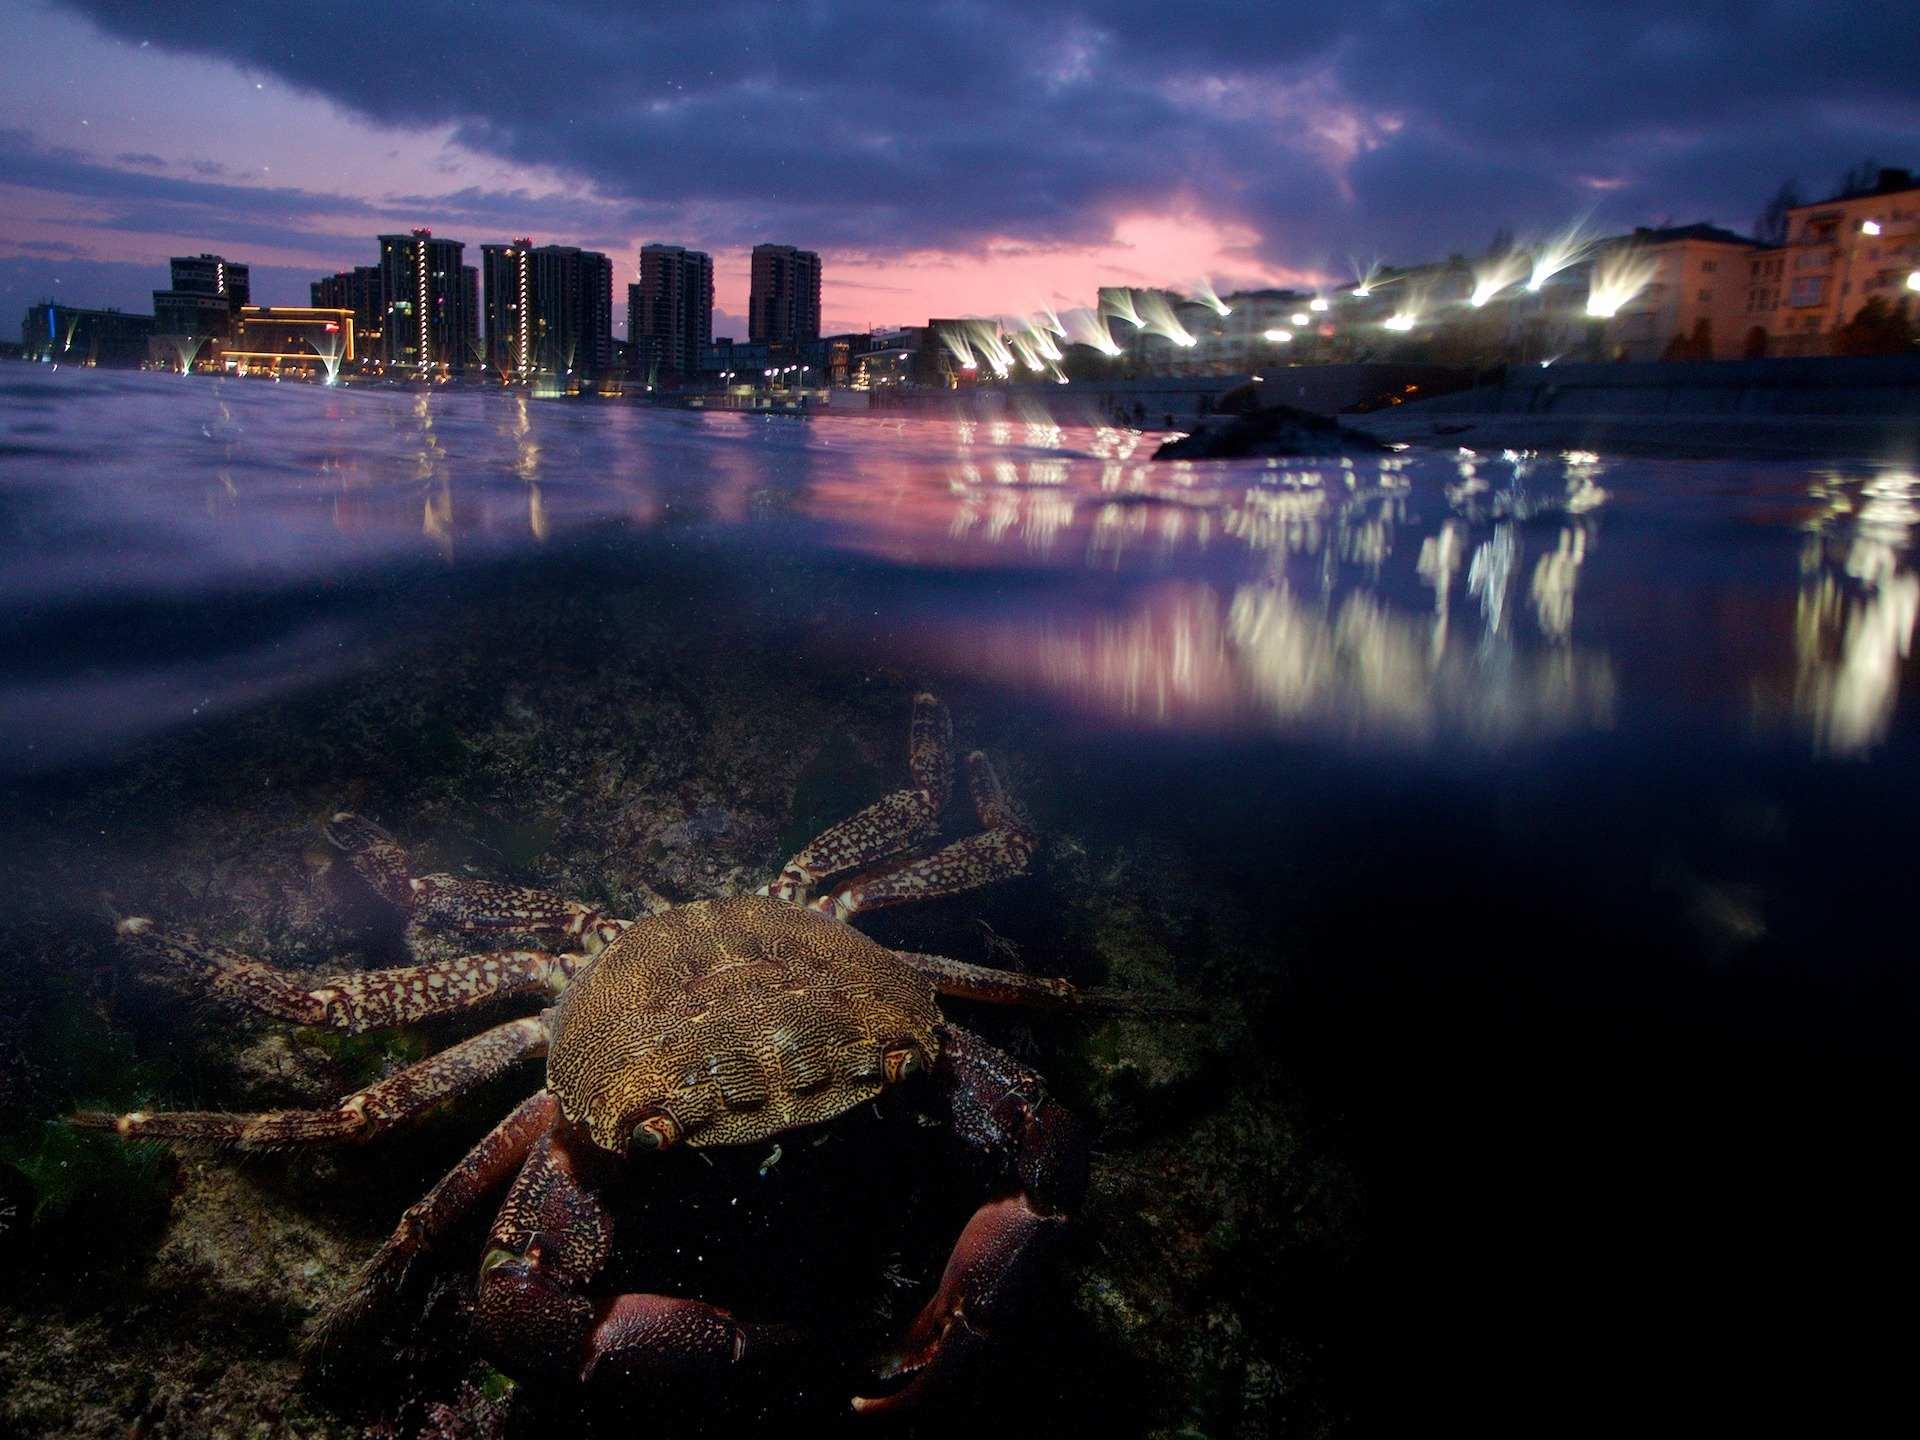 Фотограф из Новороссийска снял «городские джунгли» Цемесской бухты и отправился на Тихий океан